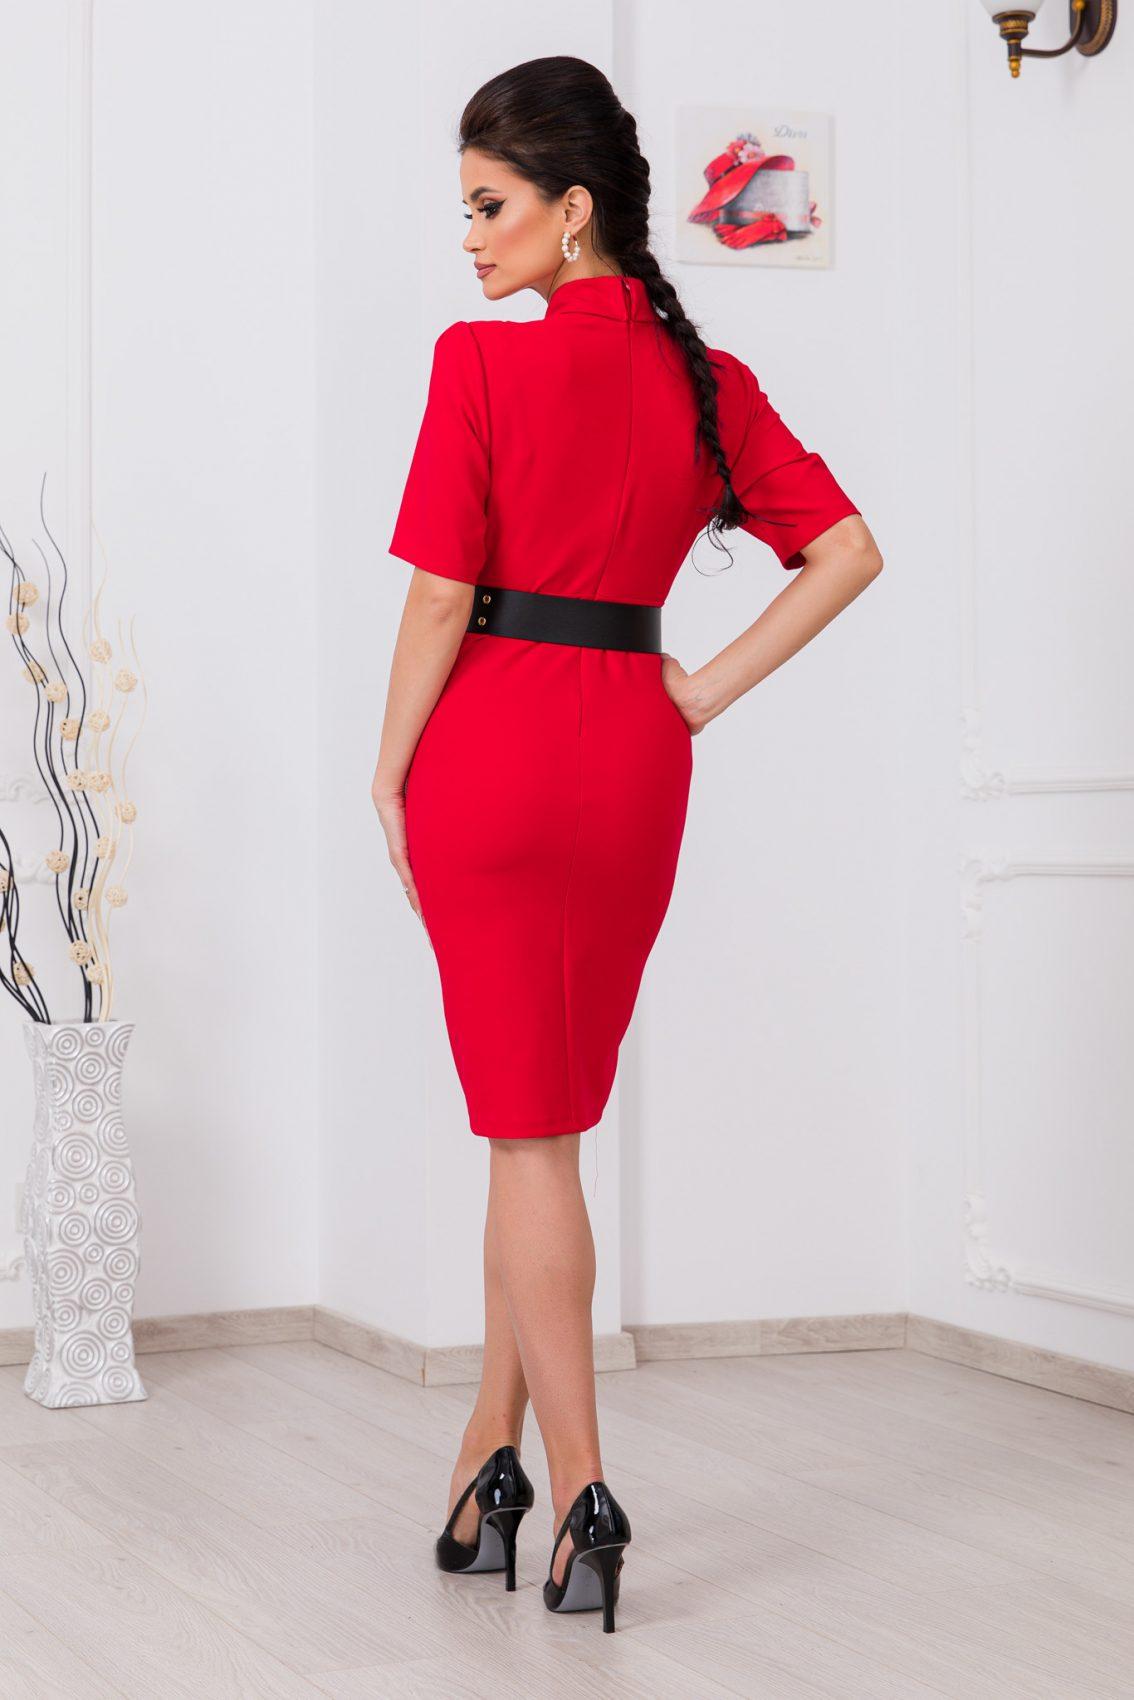 Κόκκινο Φόρεμα Με Ζώνη Evitta 9709 2